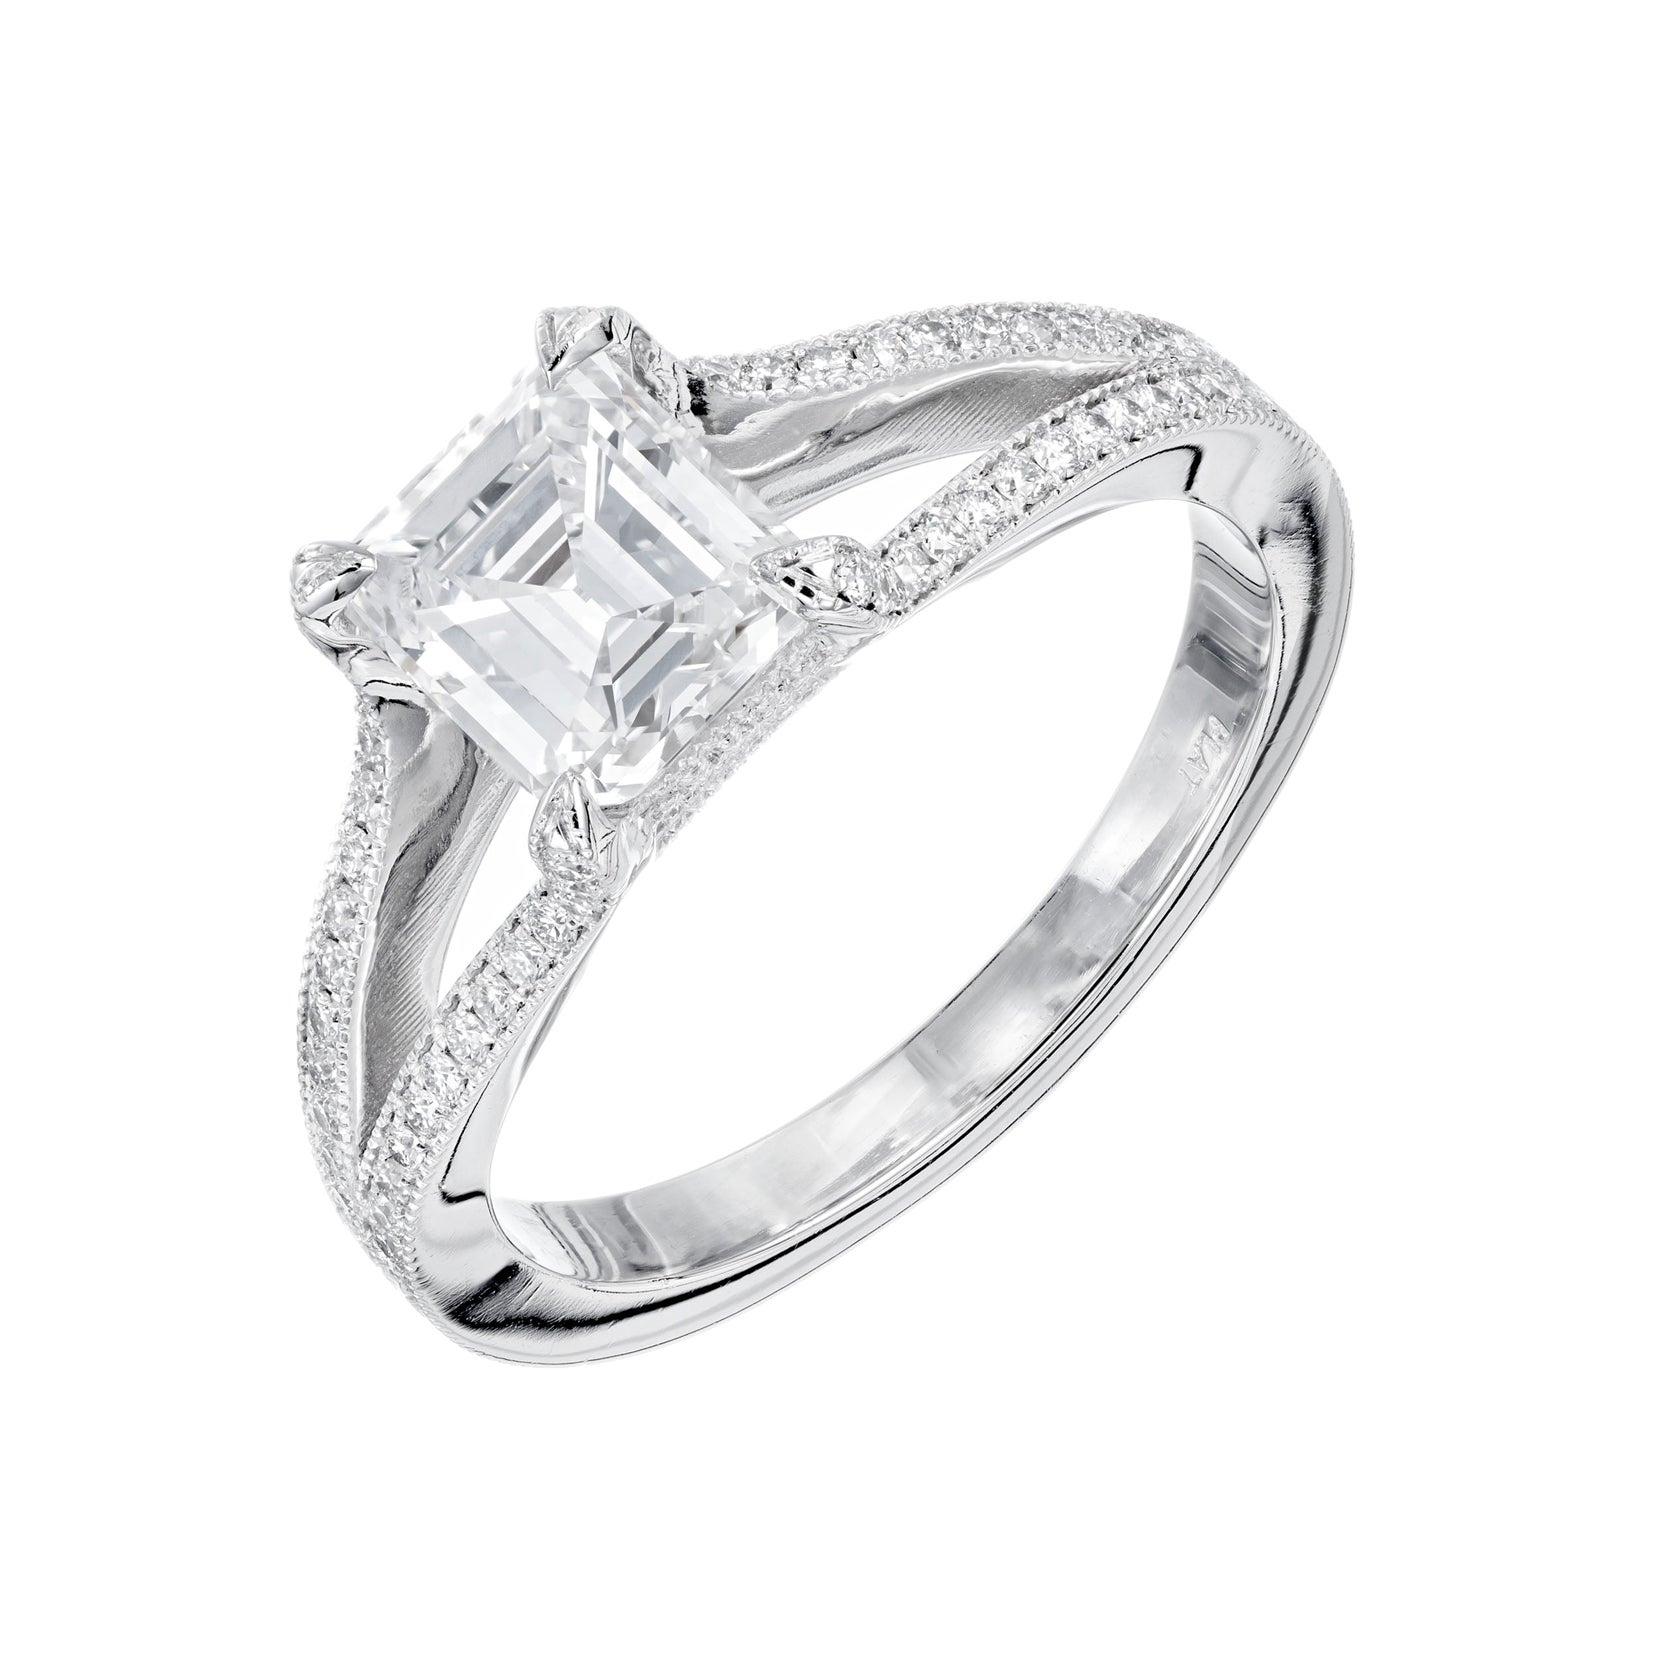 Peter Suchy 1.22 Carat Asscher Cut Diamond Split Shank Platinum Engagement Ring